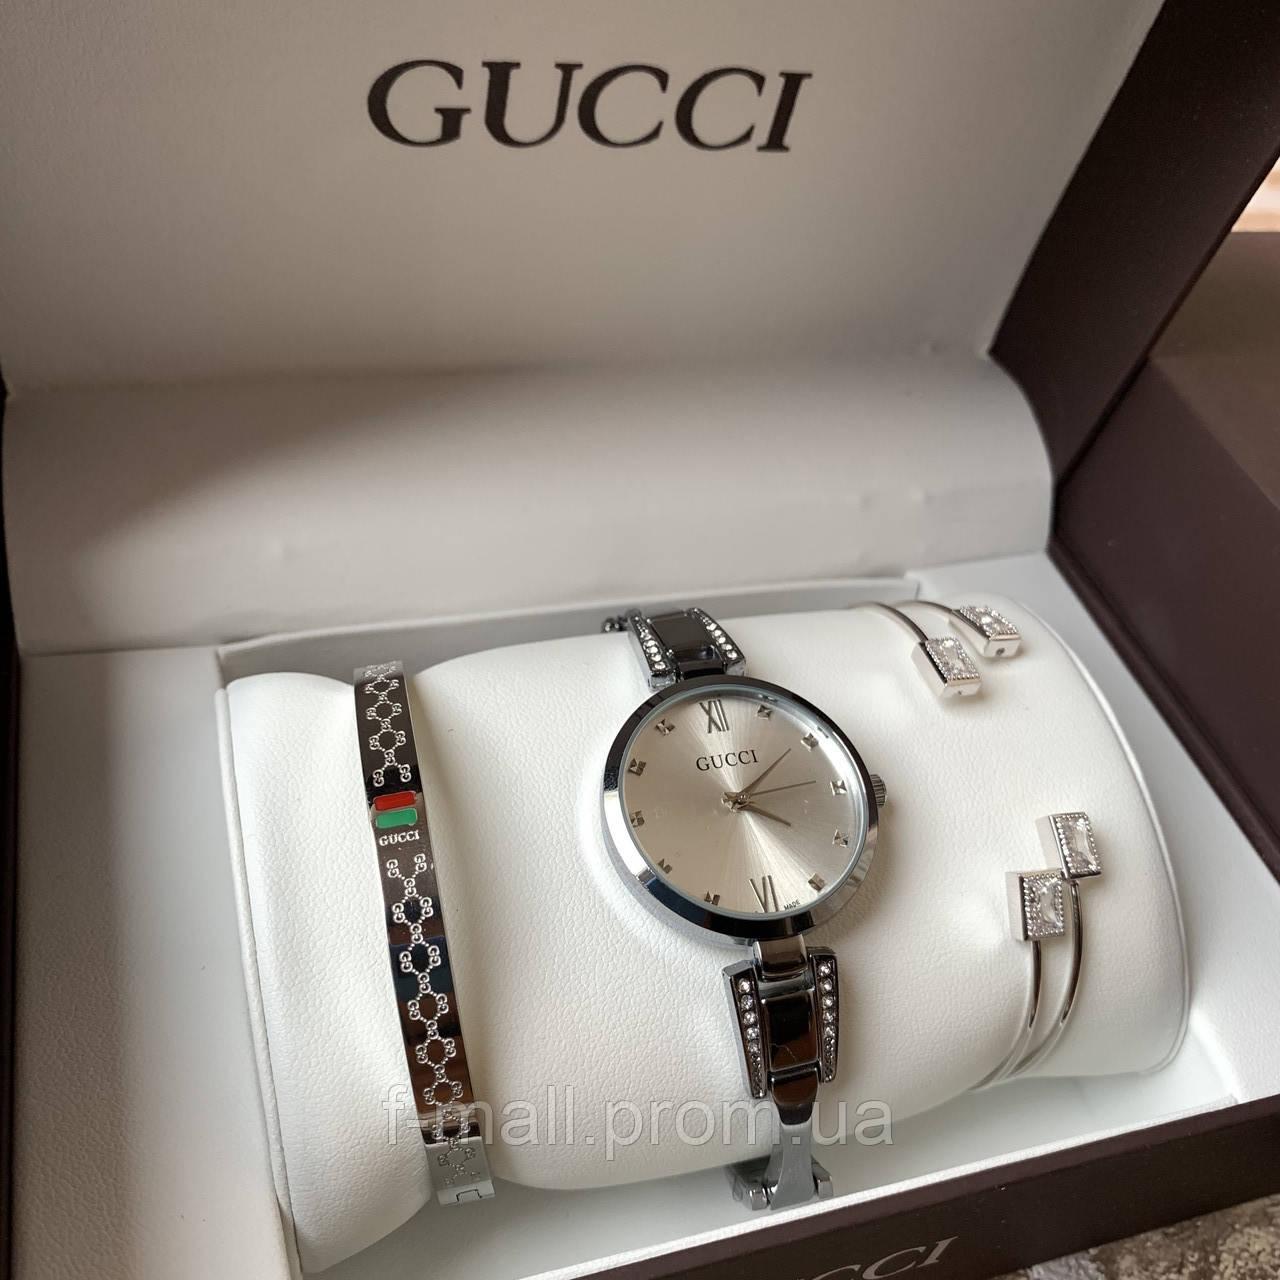 Часы Gucci с браслетами в Кременчуге